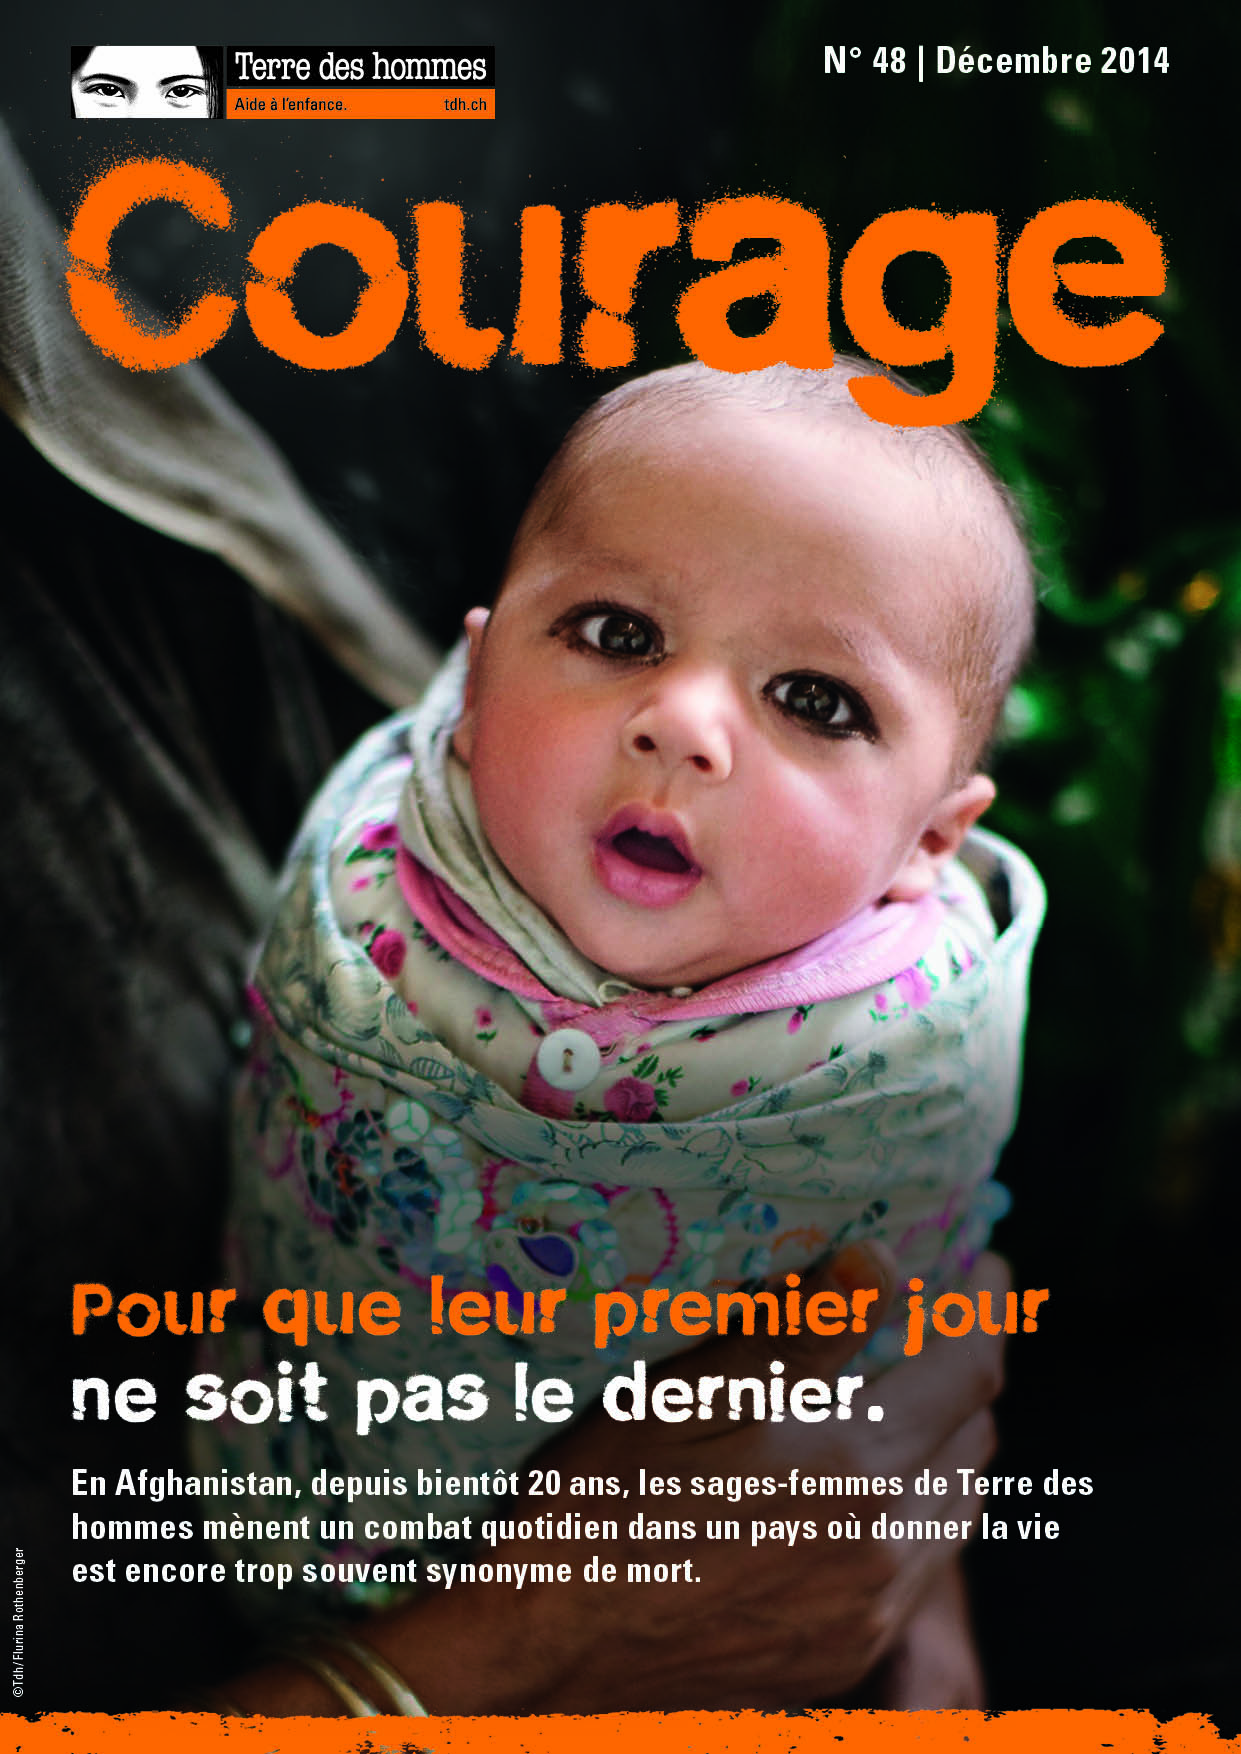 Acaac069-f286-4ec6-8443-e04c32544443_tdh_magazine48_fr_light_original